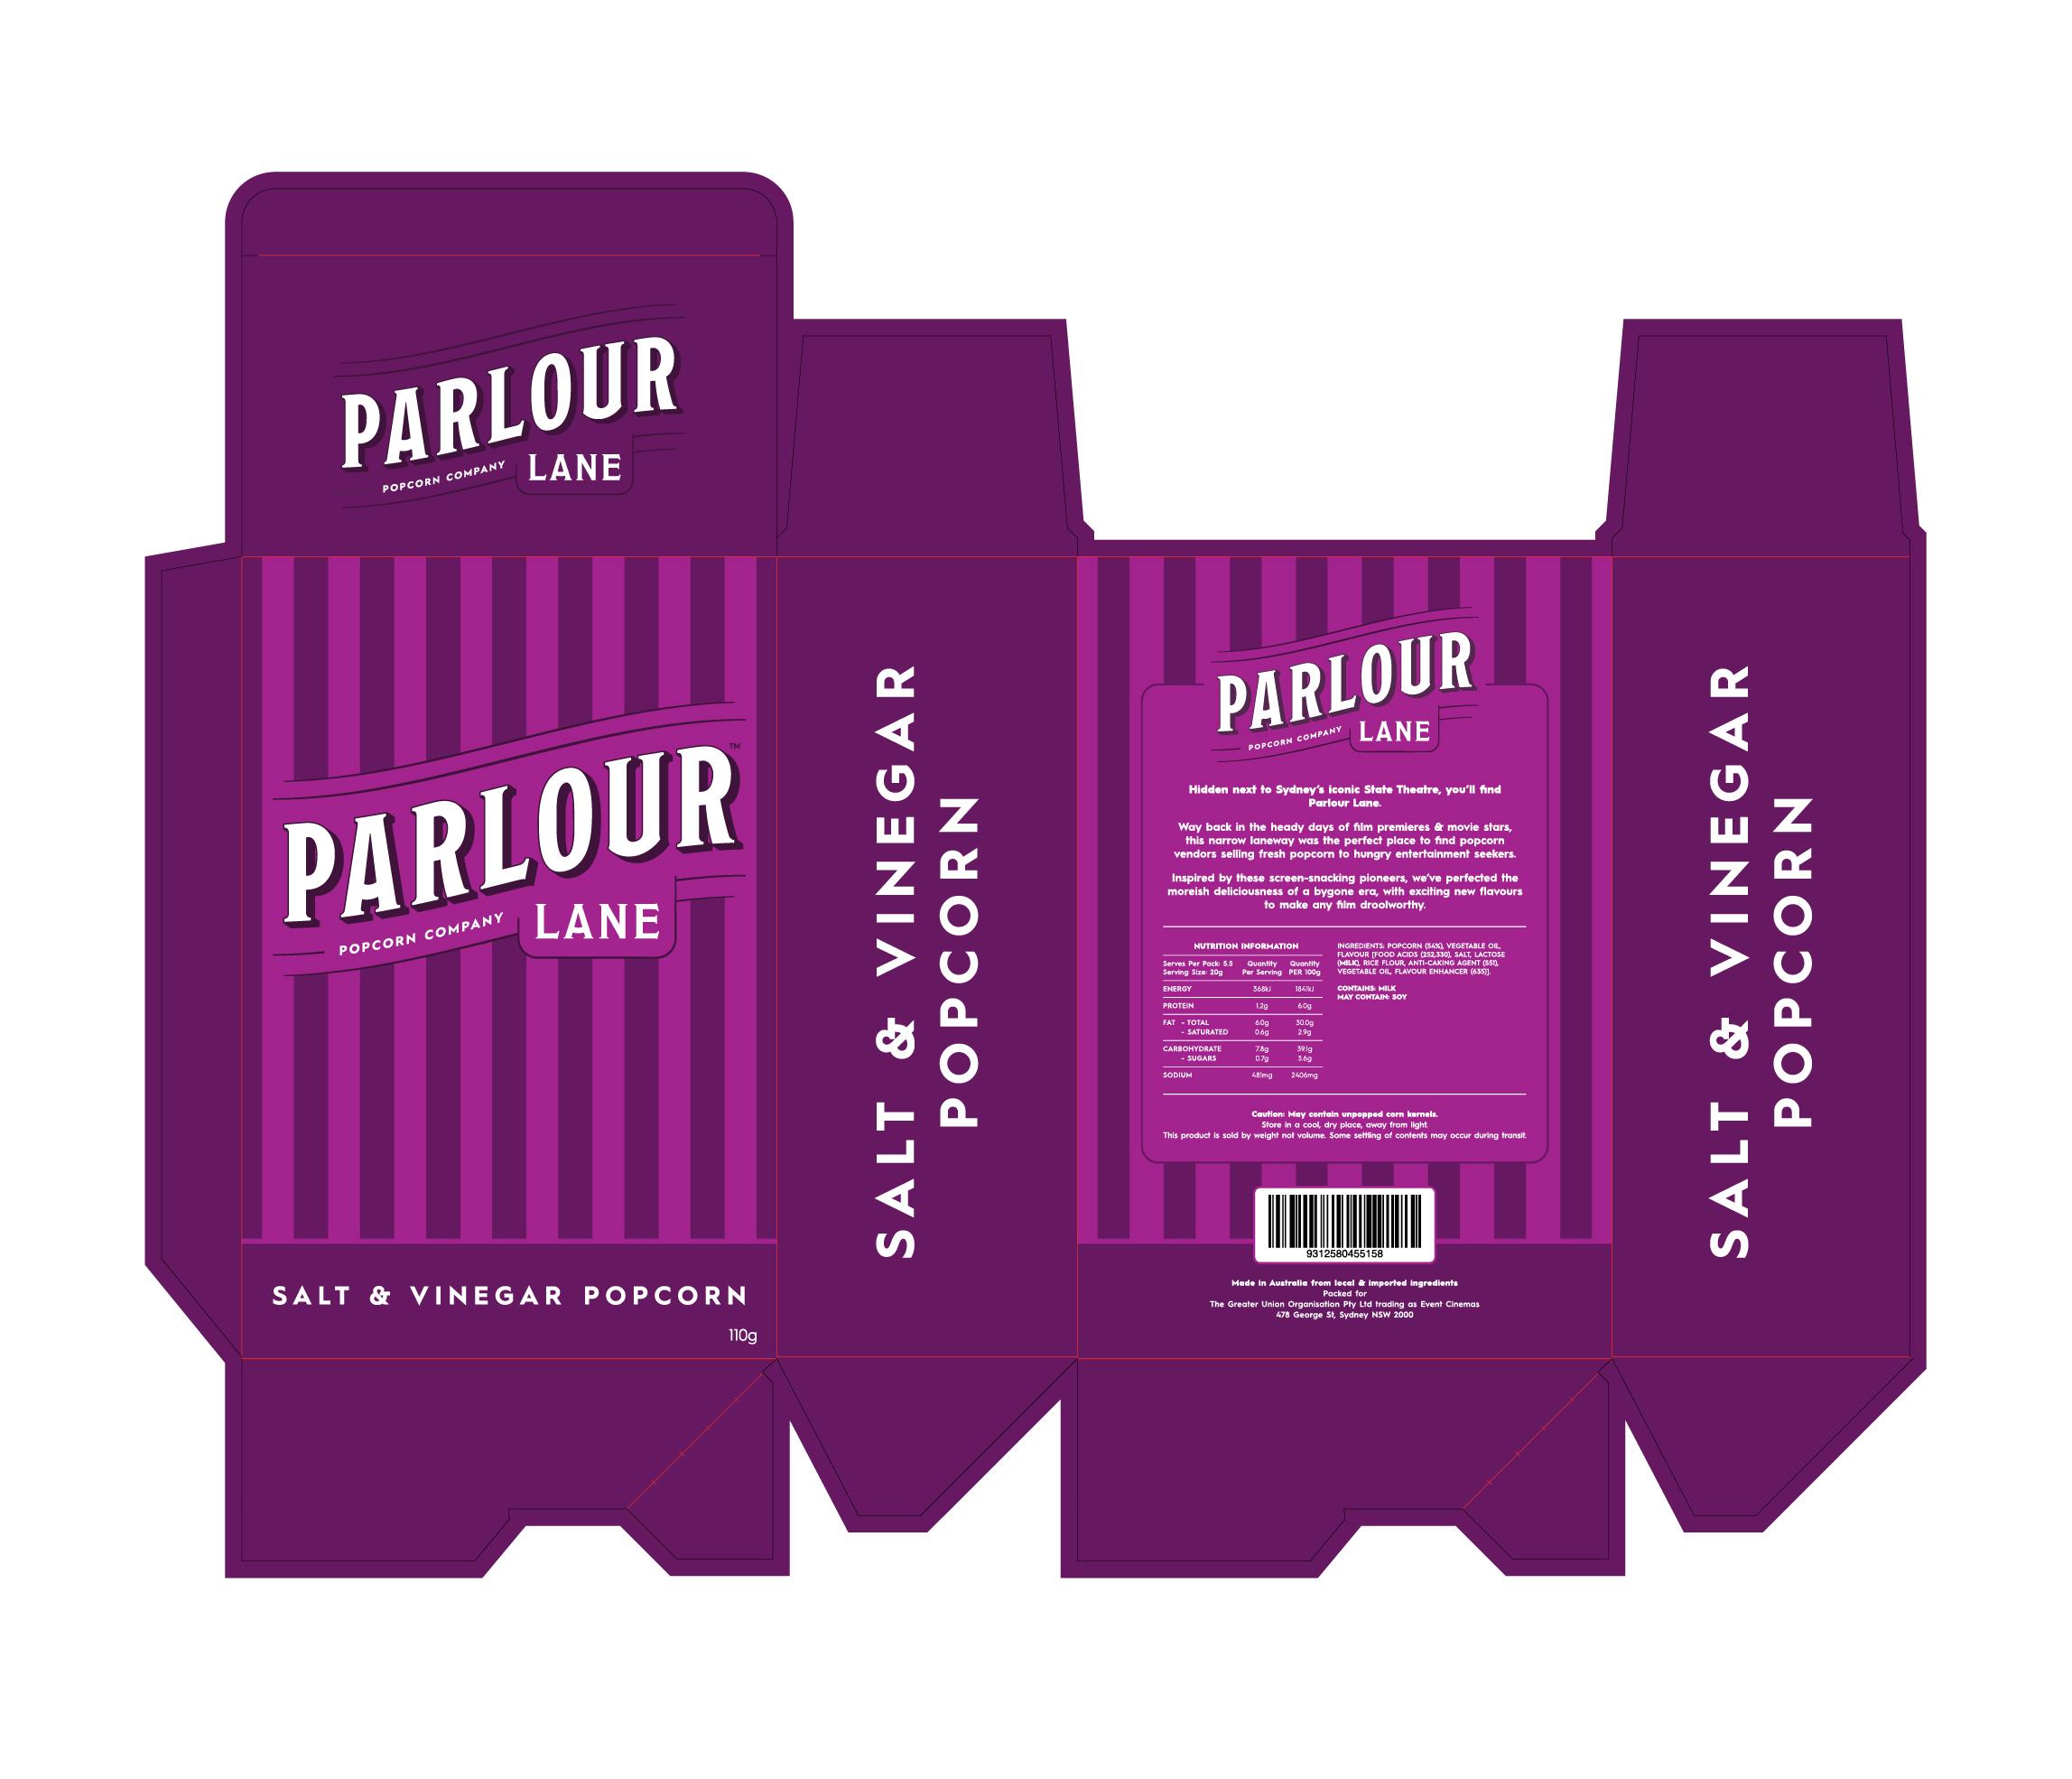 Parlour Lane Popcorn Package Die Line